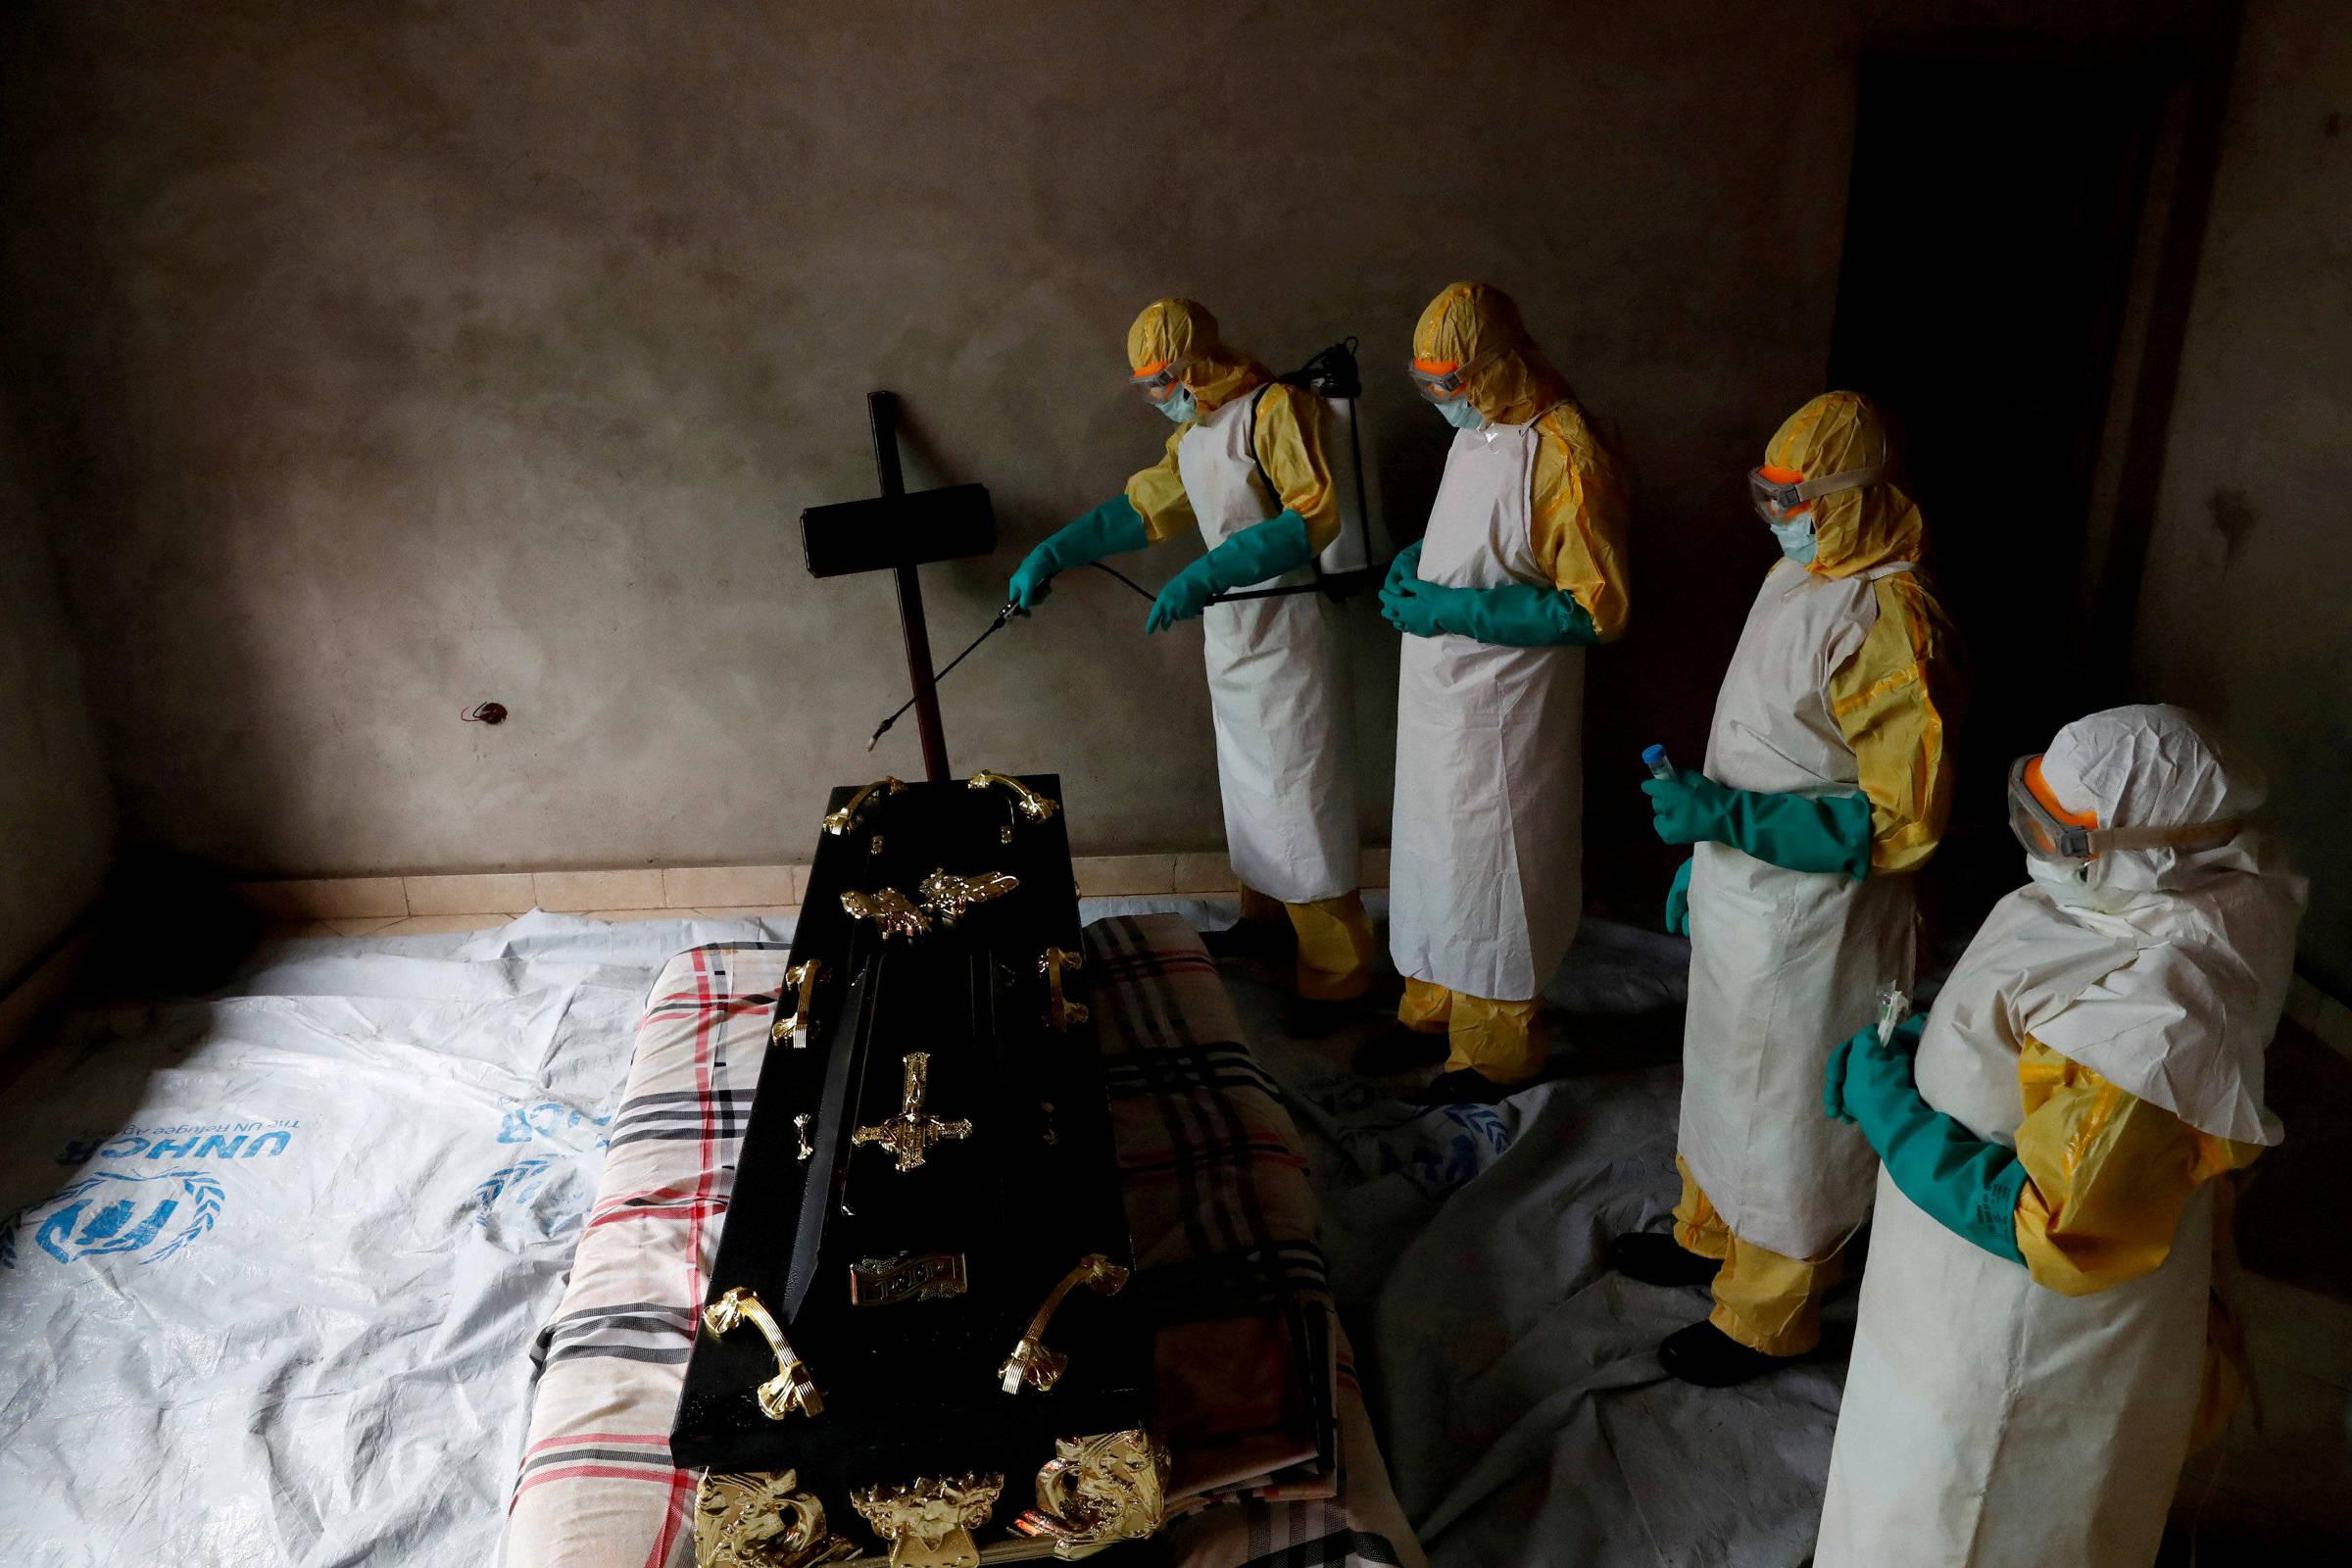 Mais de 500 morrem em segundo maior surto de ebola da história - 09/02/2019  - Mundo - Folha